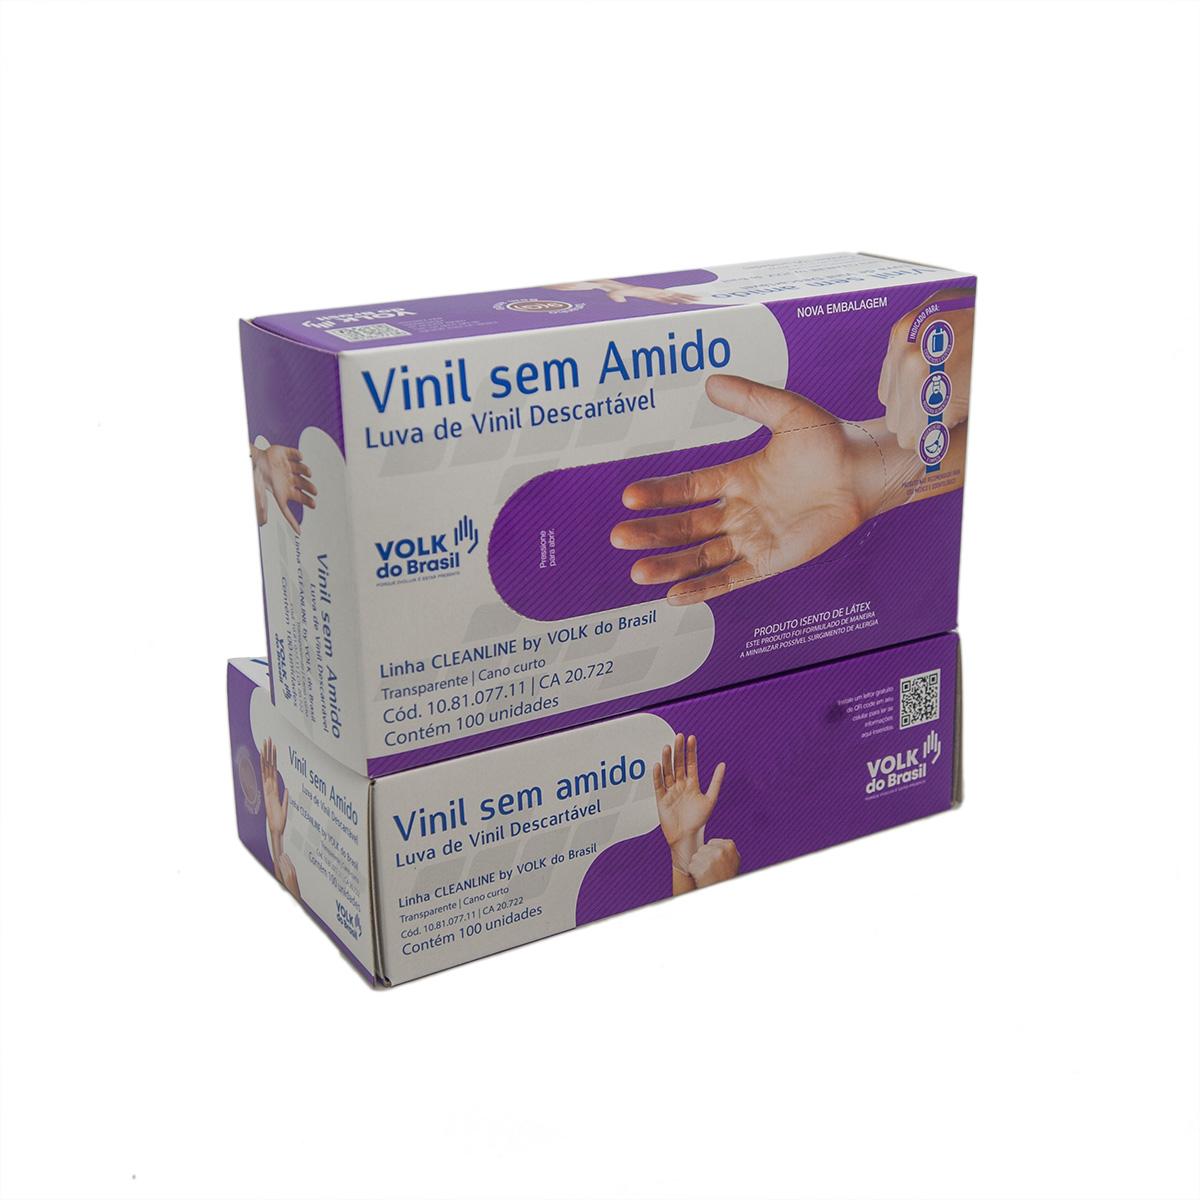 Kit 2 Luva de Vinil sem Amido Transparente Descartavel  CA 20722 Tamanho: P